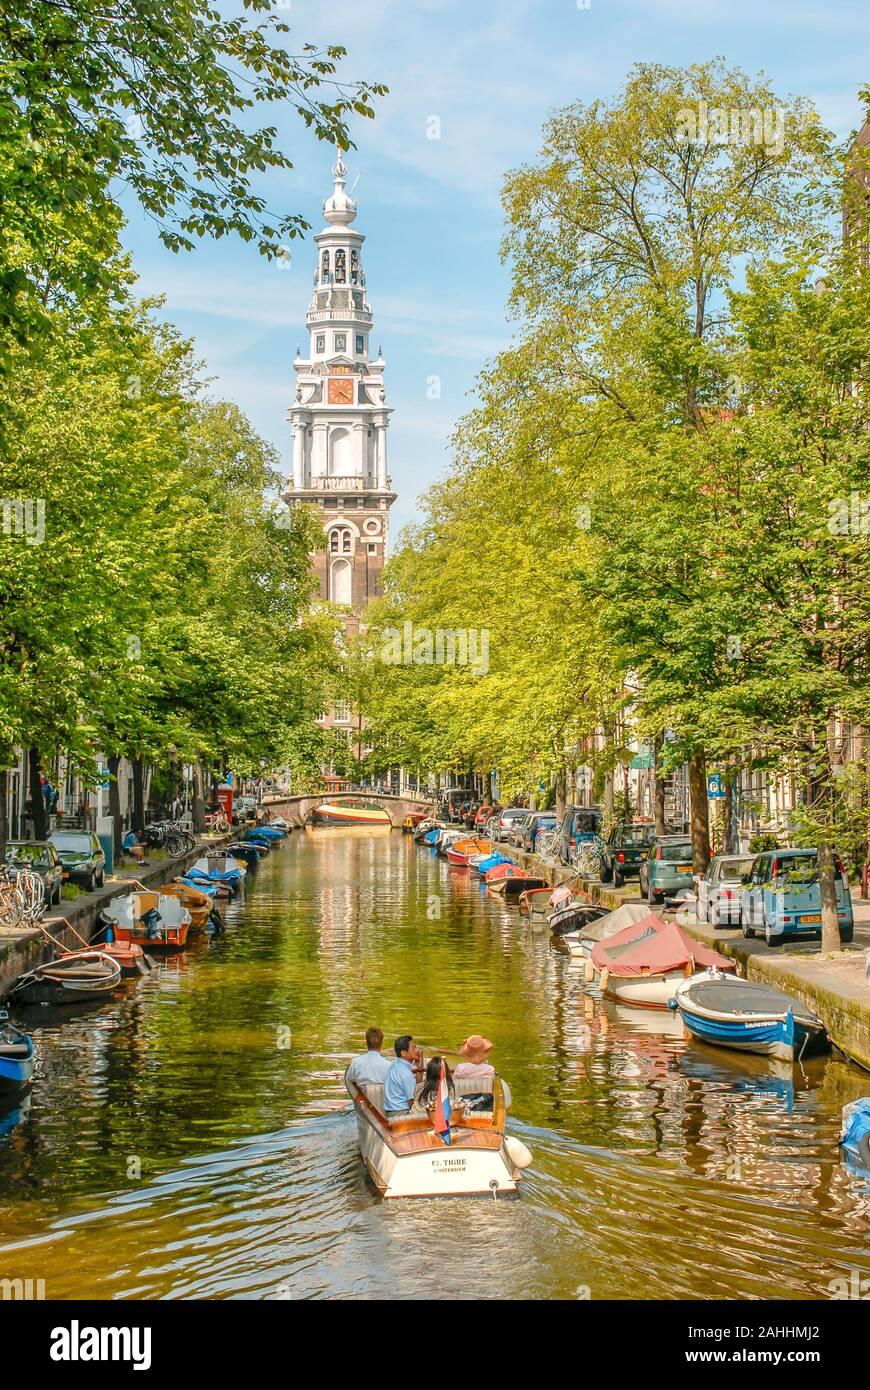 Petit bateau à moteur dans un canal d'eau à Amsterdam, Pays-Bas avec l'Oude Kerk en arrière-plan Banque D'Images